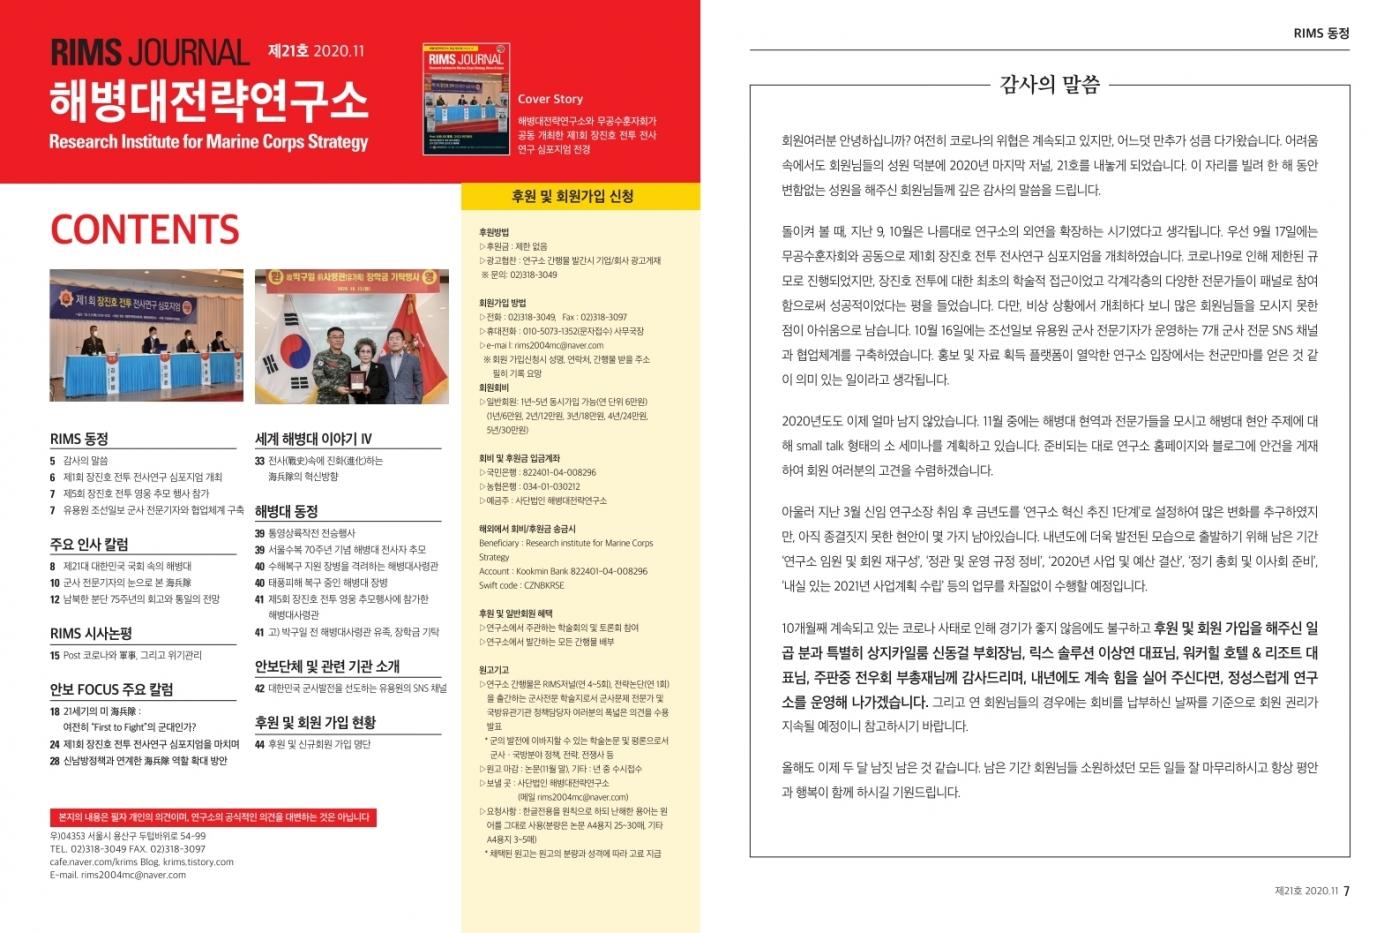 해병대전략연구소_림스저널_21호 발송용.pdf_page_04.jpg